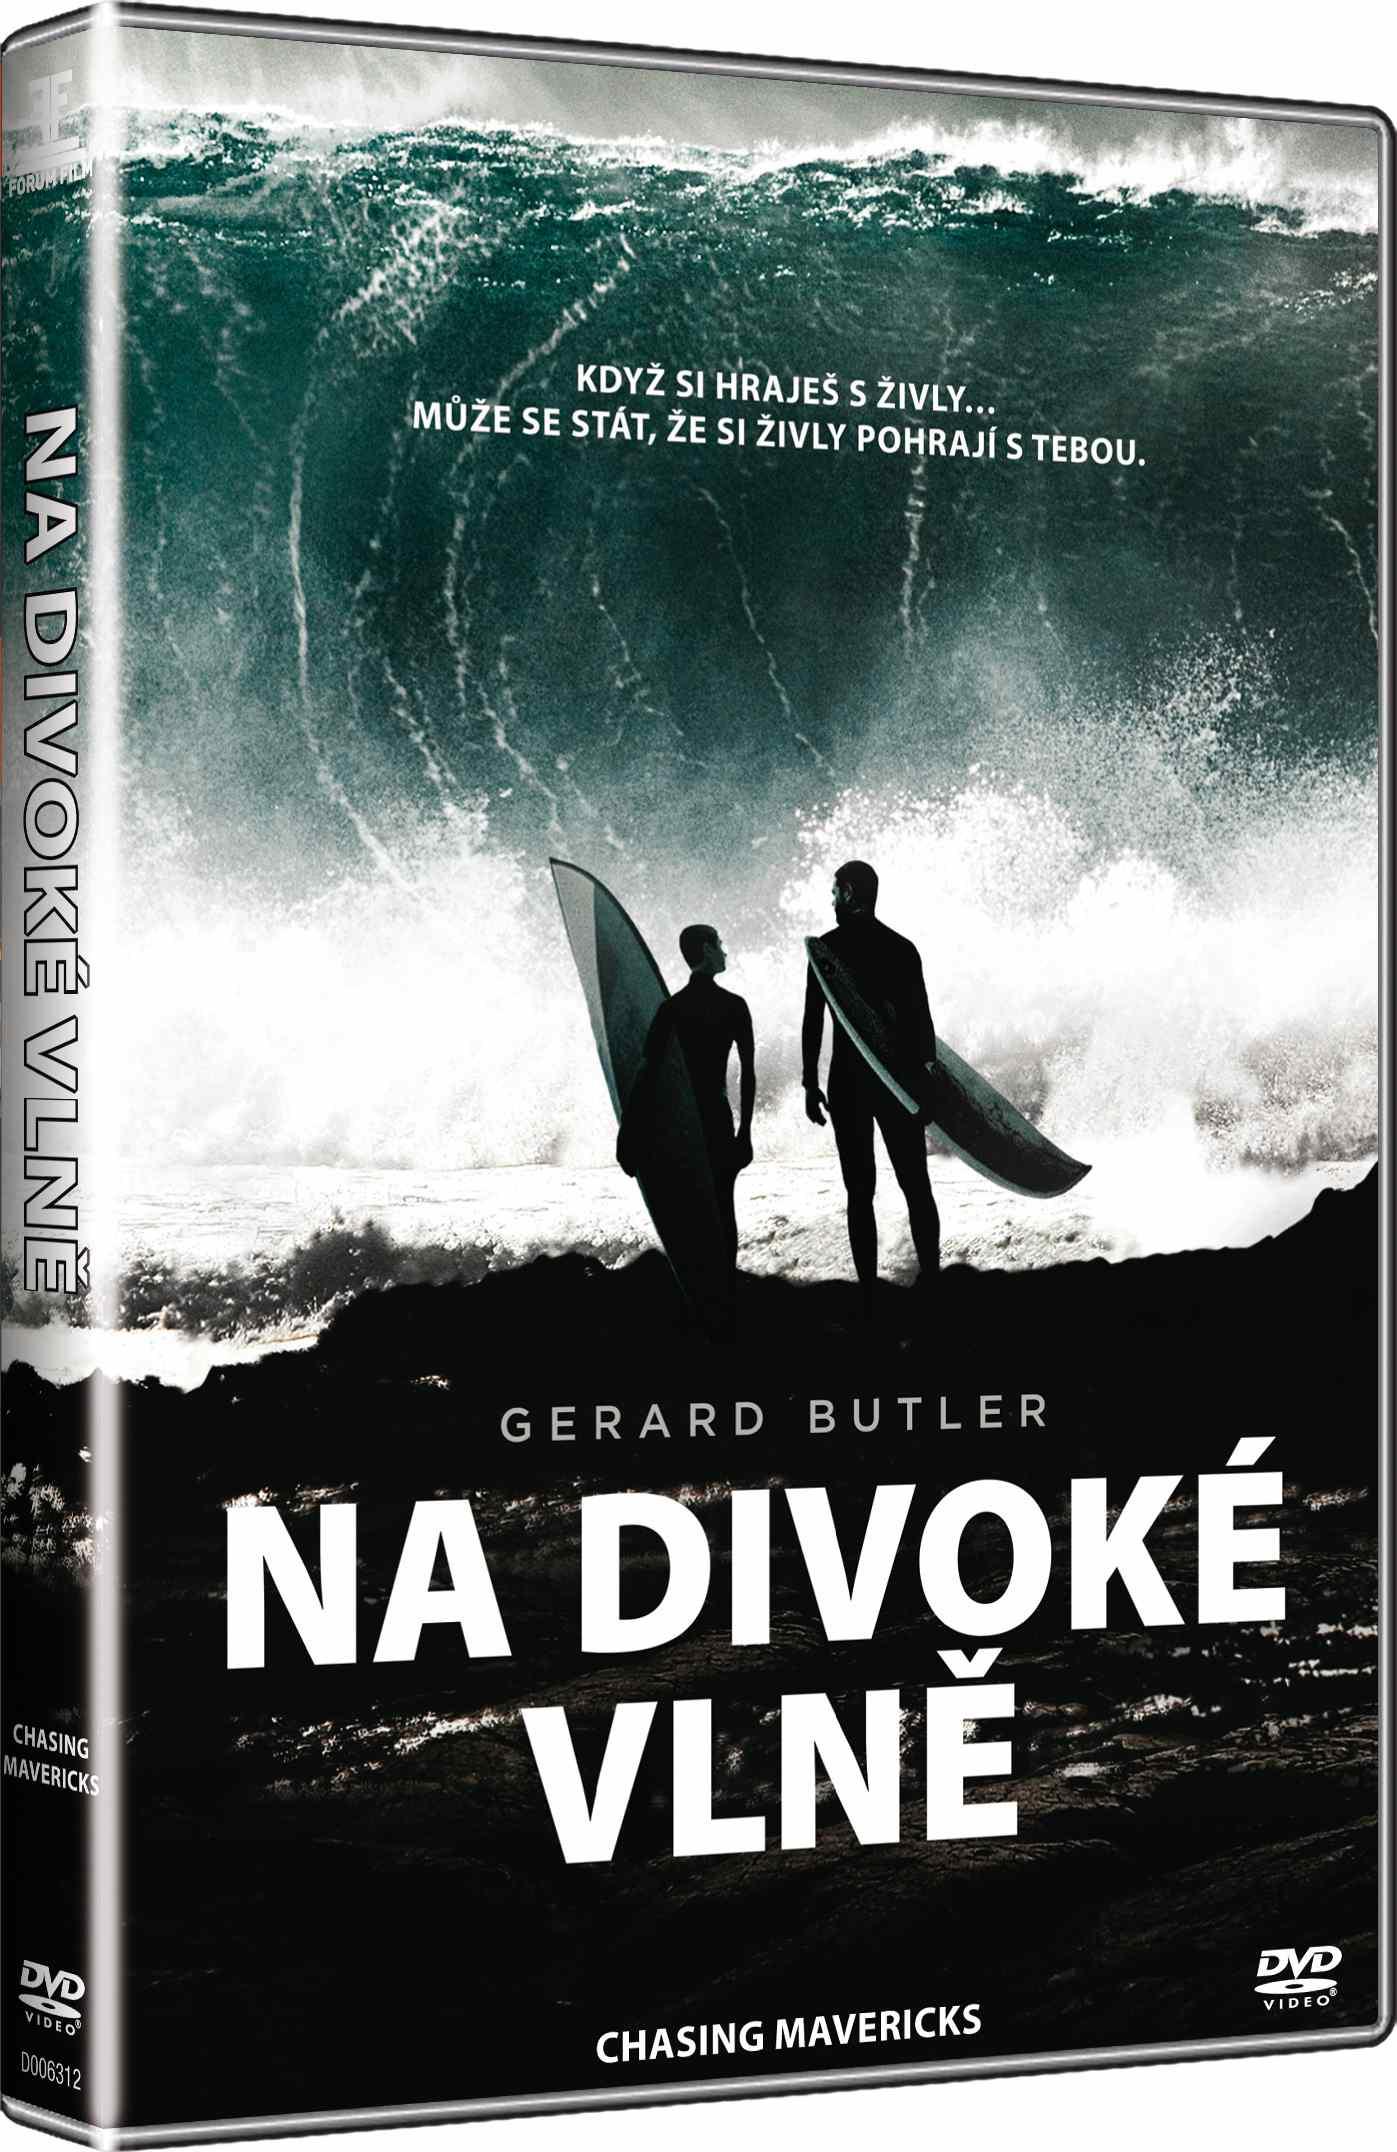 NA DIVOKÉ VLNĚ - DVD